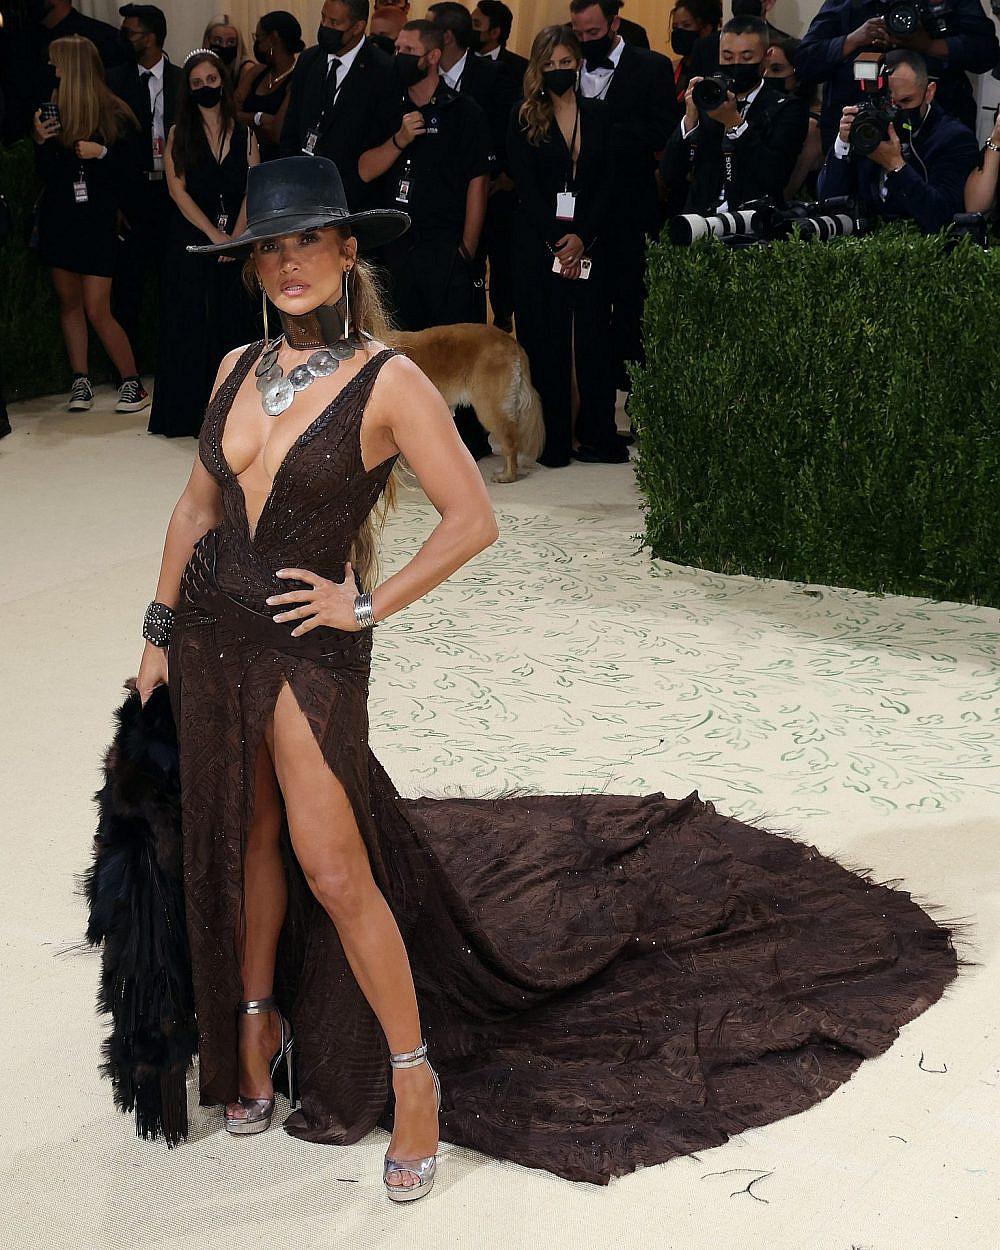 ג'ניפר לופז לובשת רלף לורן במט גאלה 2021 ומוכיחה שהיא קאובוית אמיתית | צילום: Gettyimages